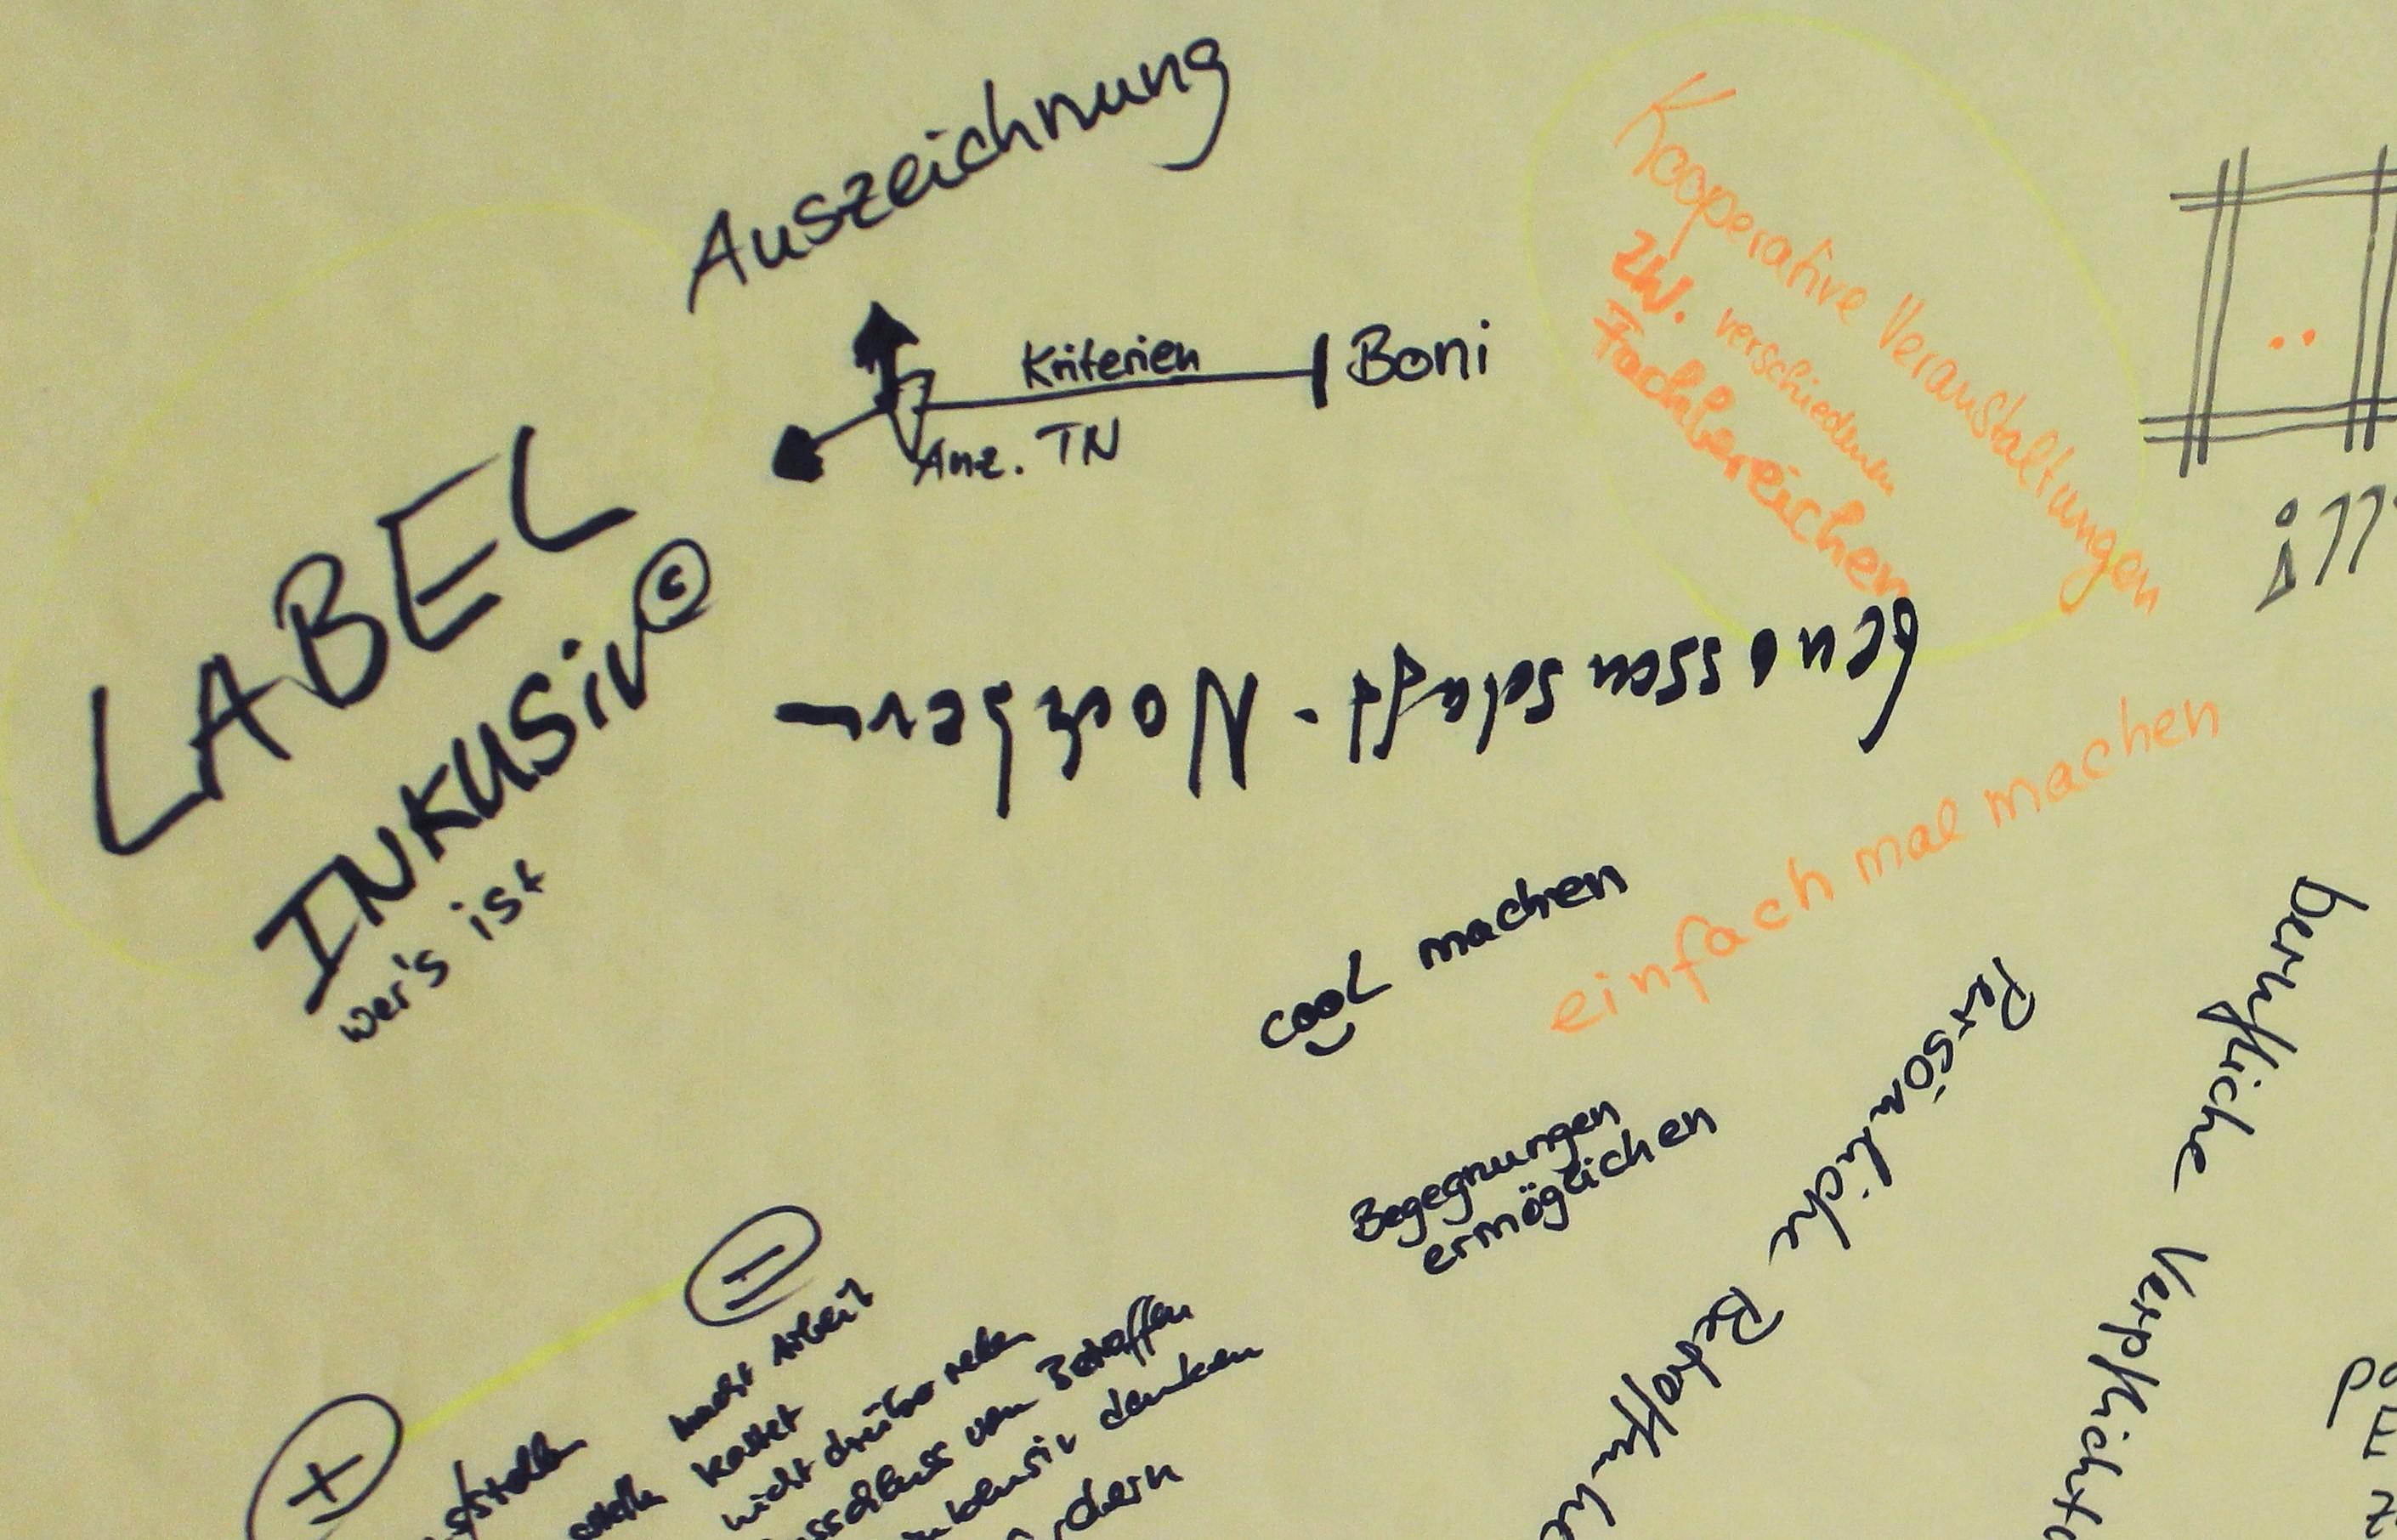 Bild von einer mit Textmarker vollgeschriebene Papiertischdecke mit verschiedenen Ideen als Schlagwörter. Beispielsweise: Label inklusiv, Auszeichung, einfach mal machen, cool machen, Begegnungen ermöglichen, Kooperative Veranstaltungen etc.